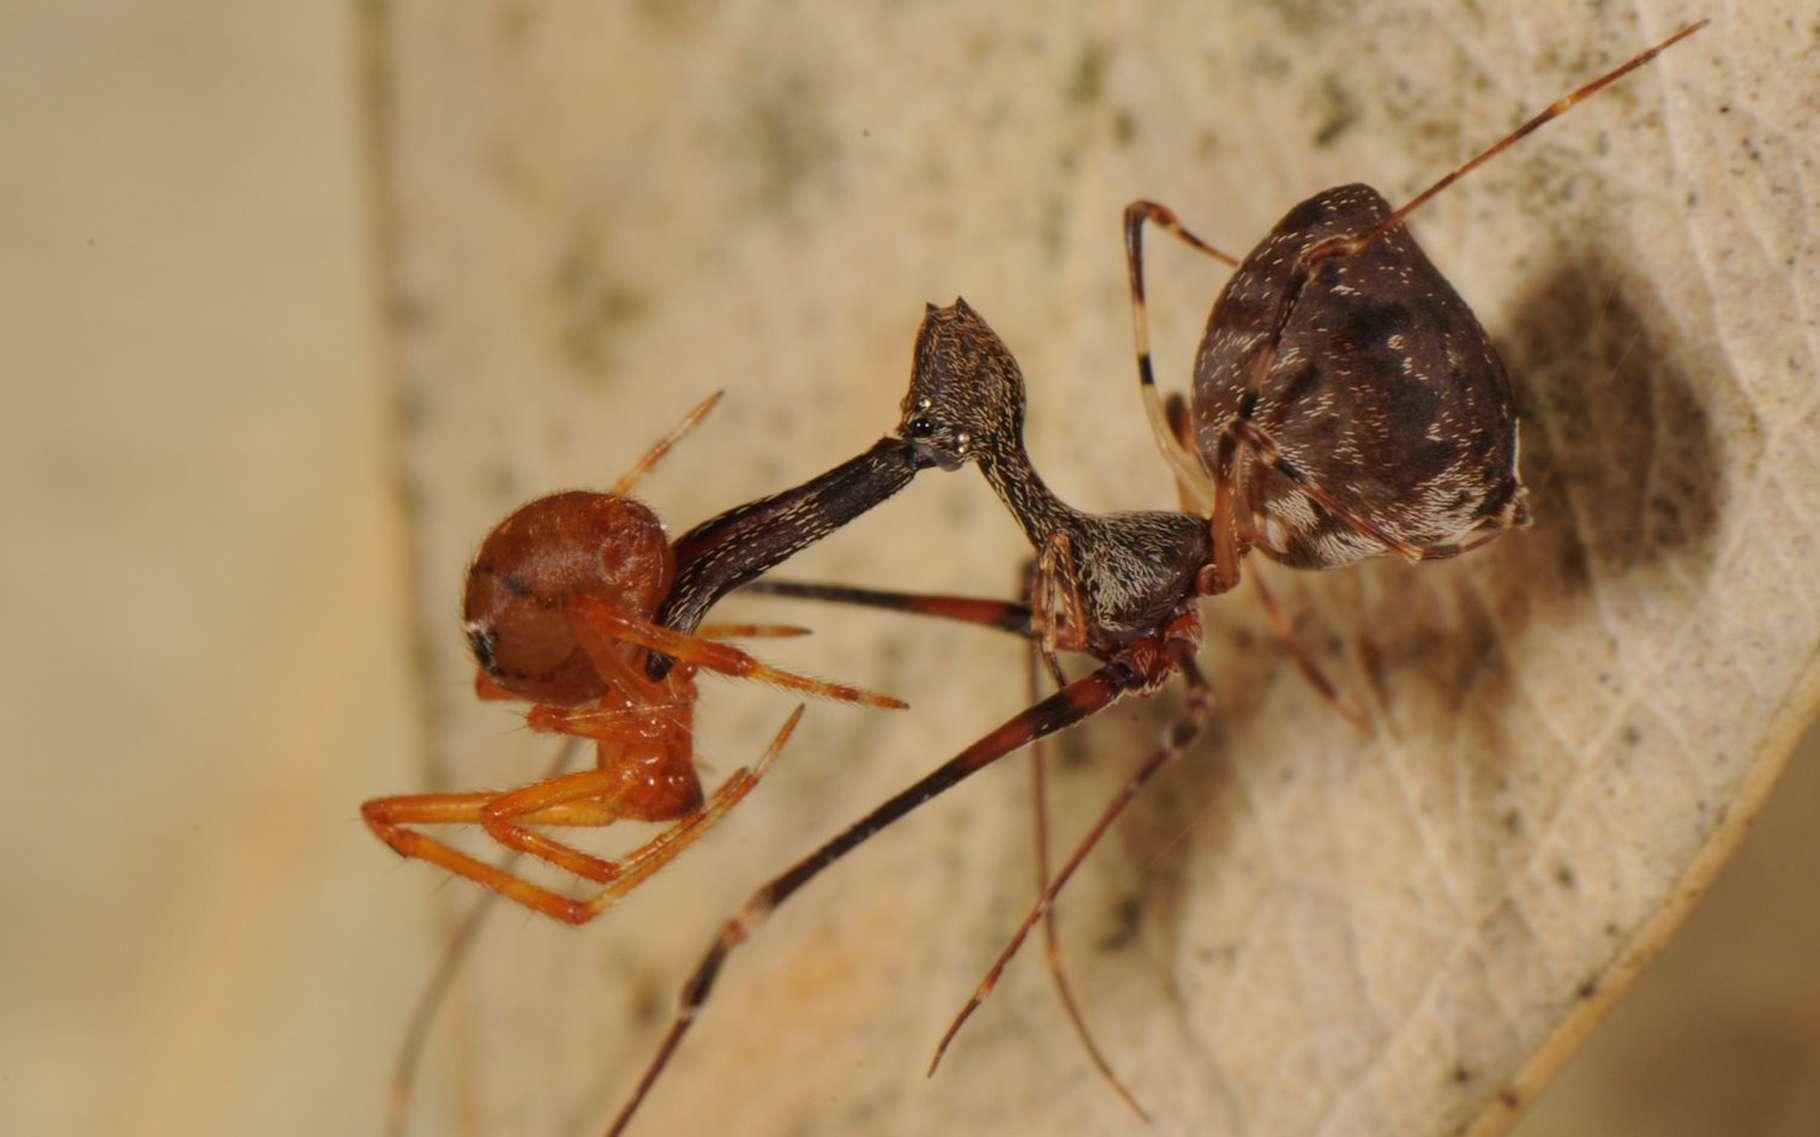 L'araignée pélican — ici à droite et en pleine chasse — est une araignée emblématique de Madagascar. On en trouve également en Afrique du Sud et en Australie. Mais celle de Madagascar présente un «cou» plus distinctif que ses cousines. © Nicolaj Scharff, Smithsonian Institute